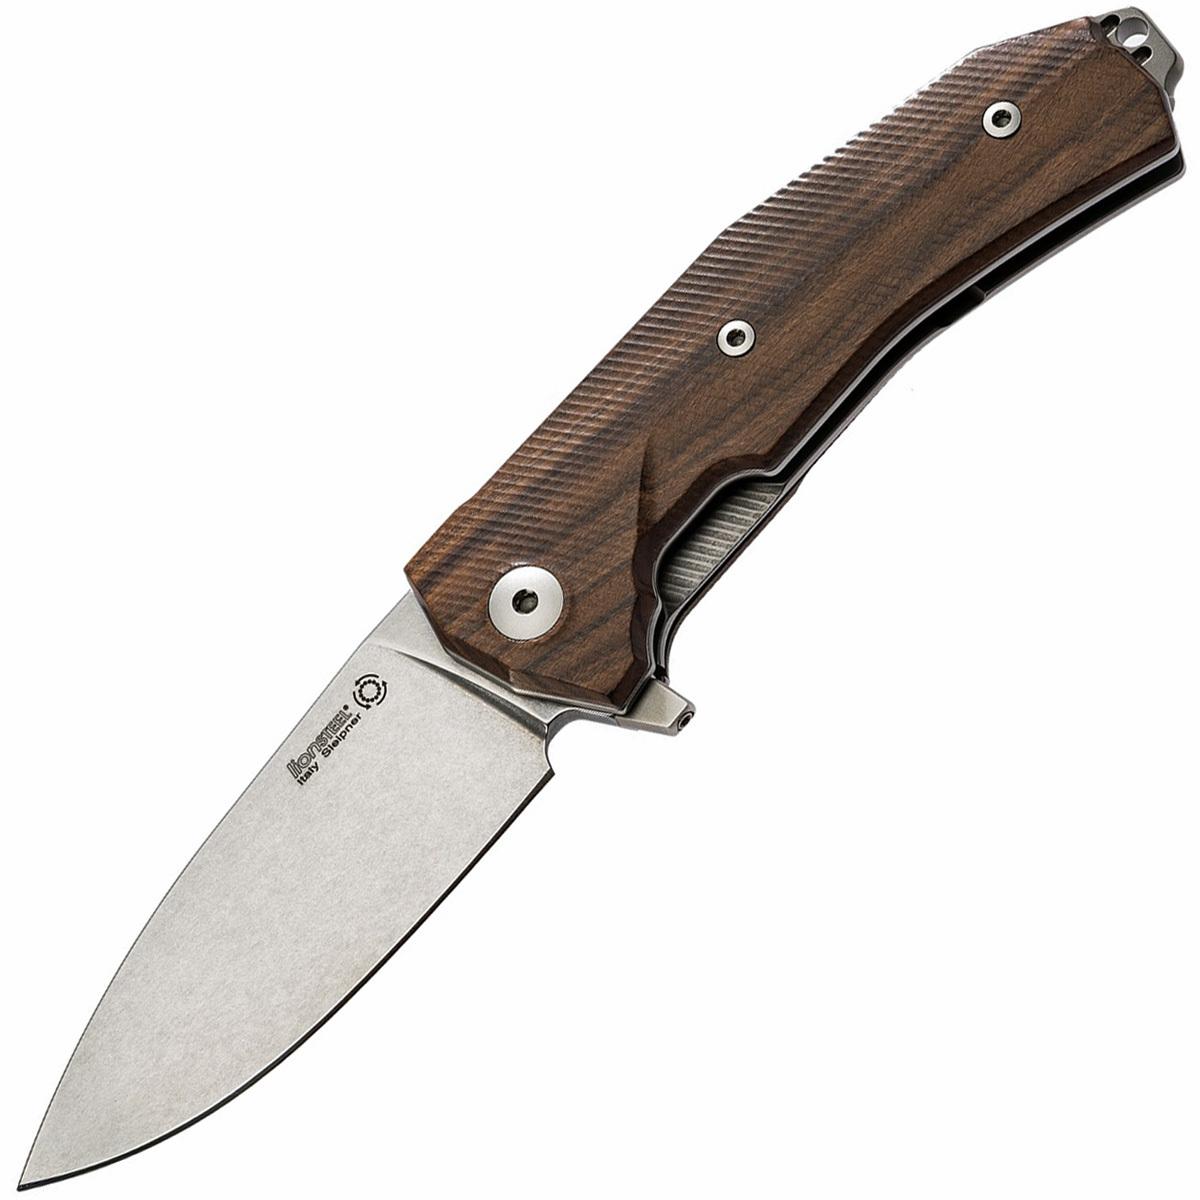 Купить Нож складной KUR Ball-Bearing Flipper, Santos Wood Handle, Stonewashed от Lion Steel в России